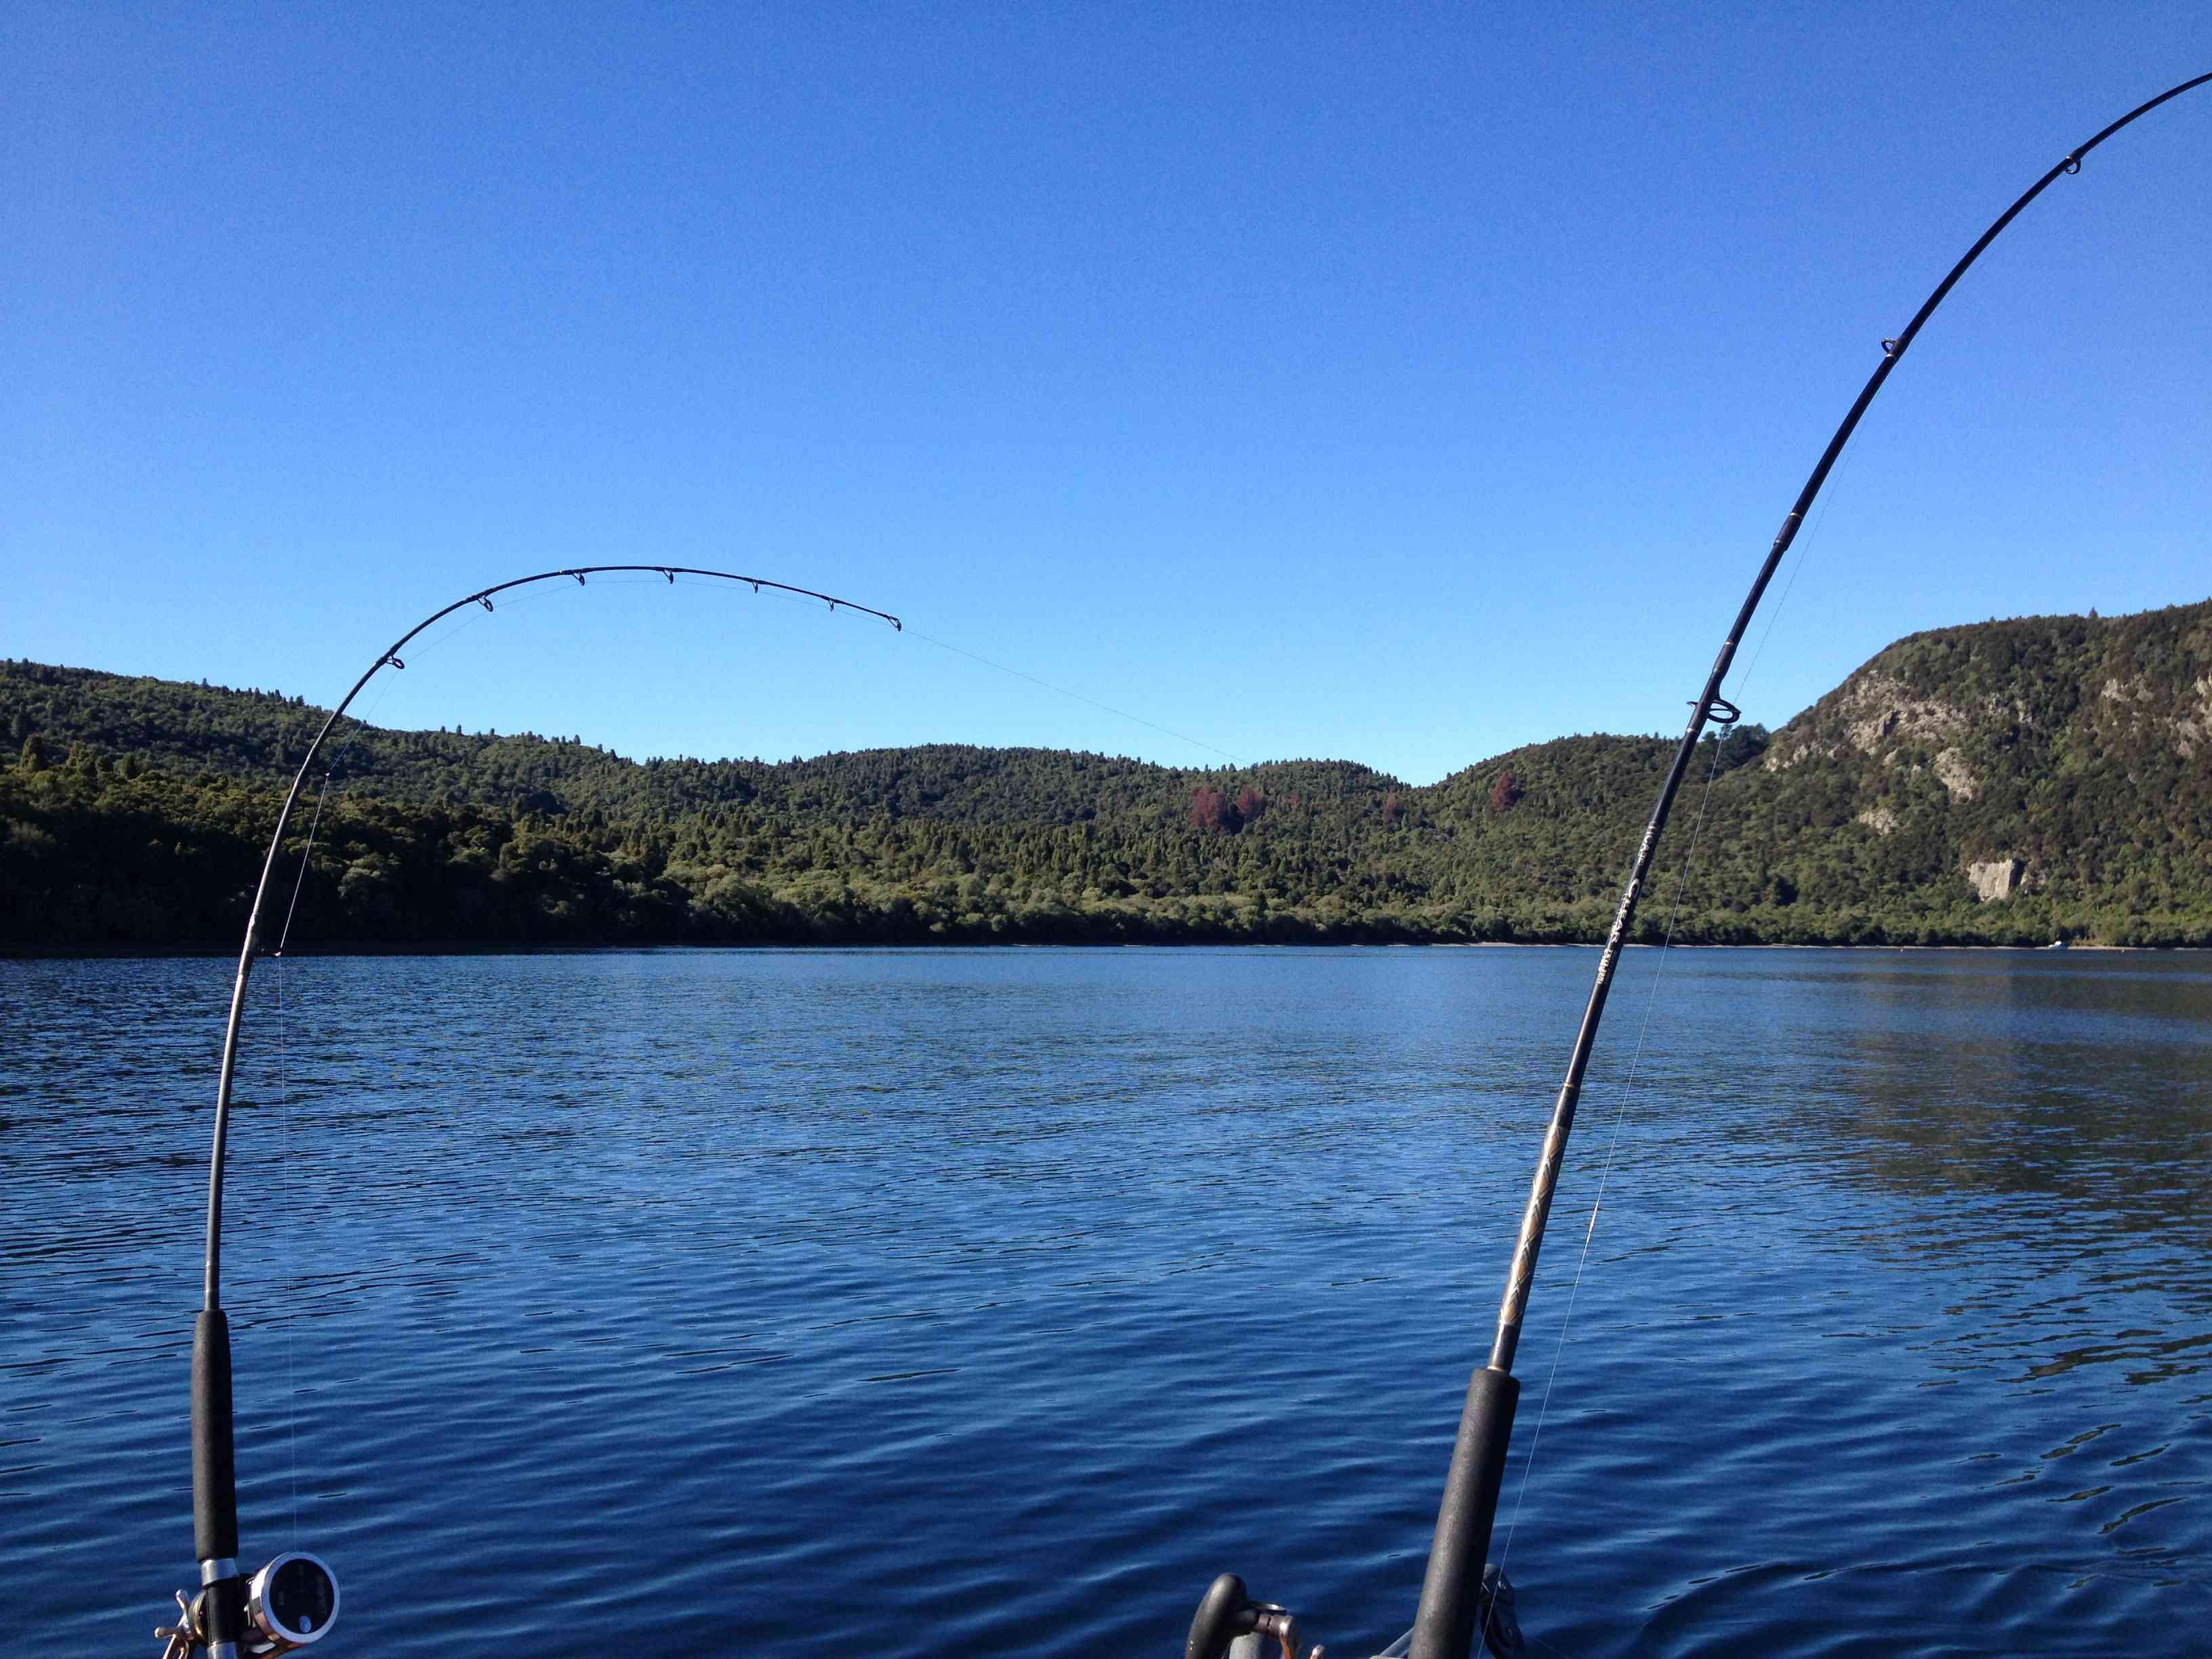 Excursión de pesca en el lago Taupo